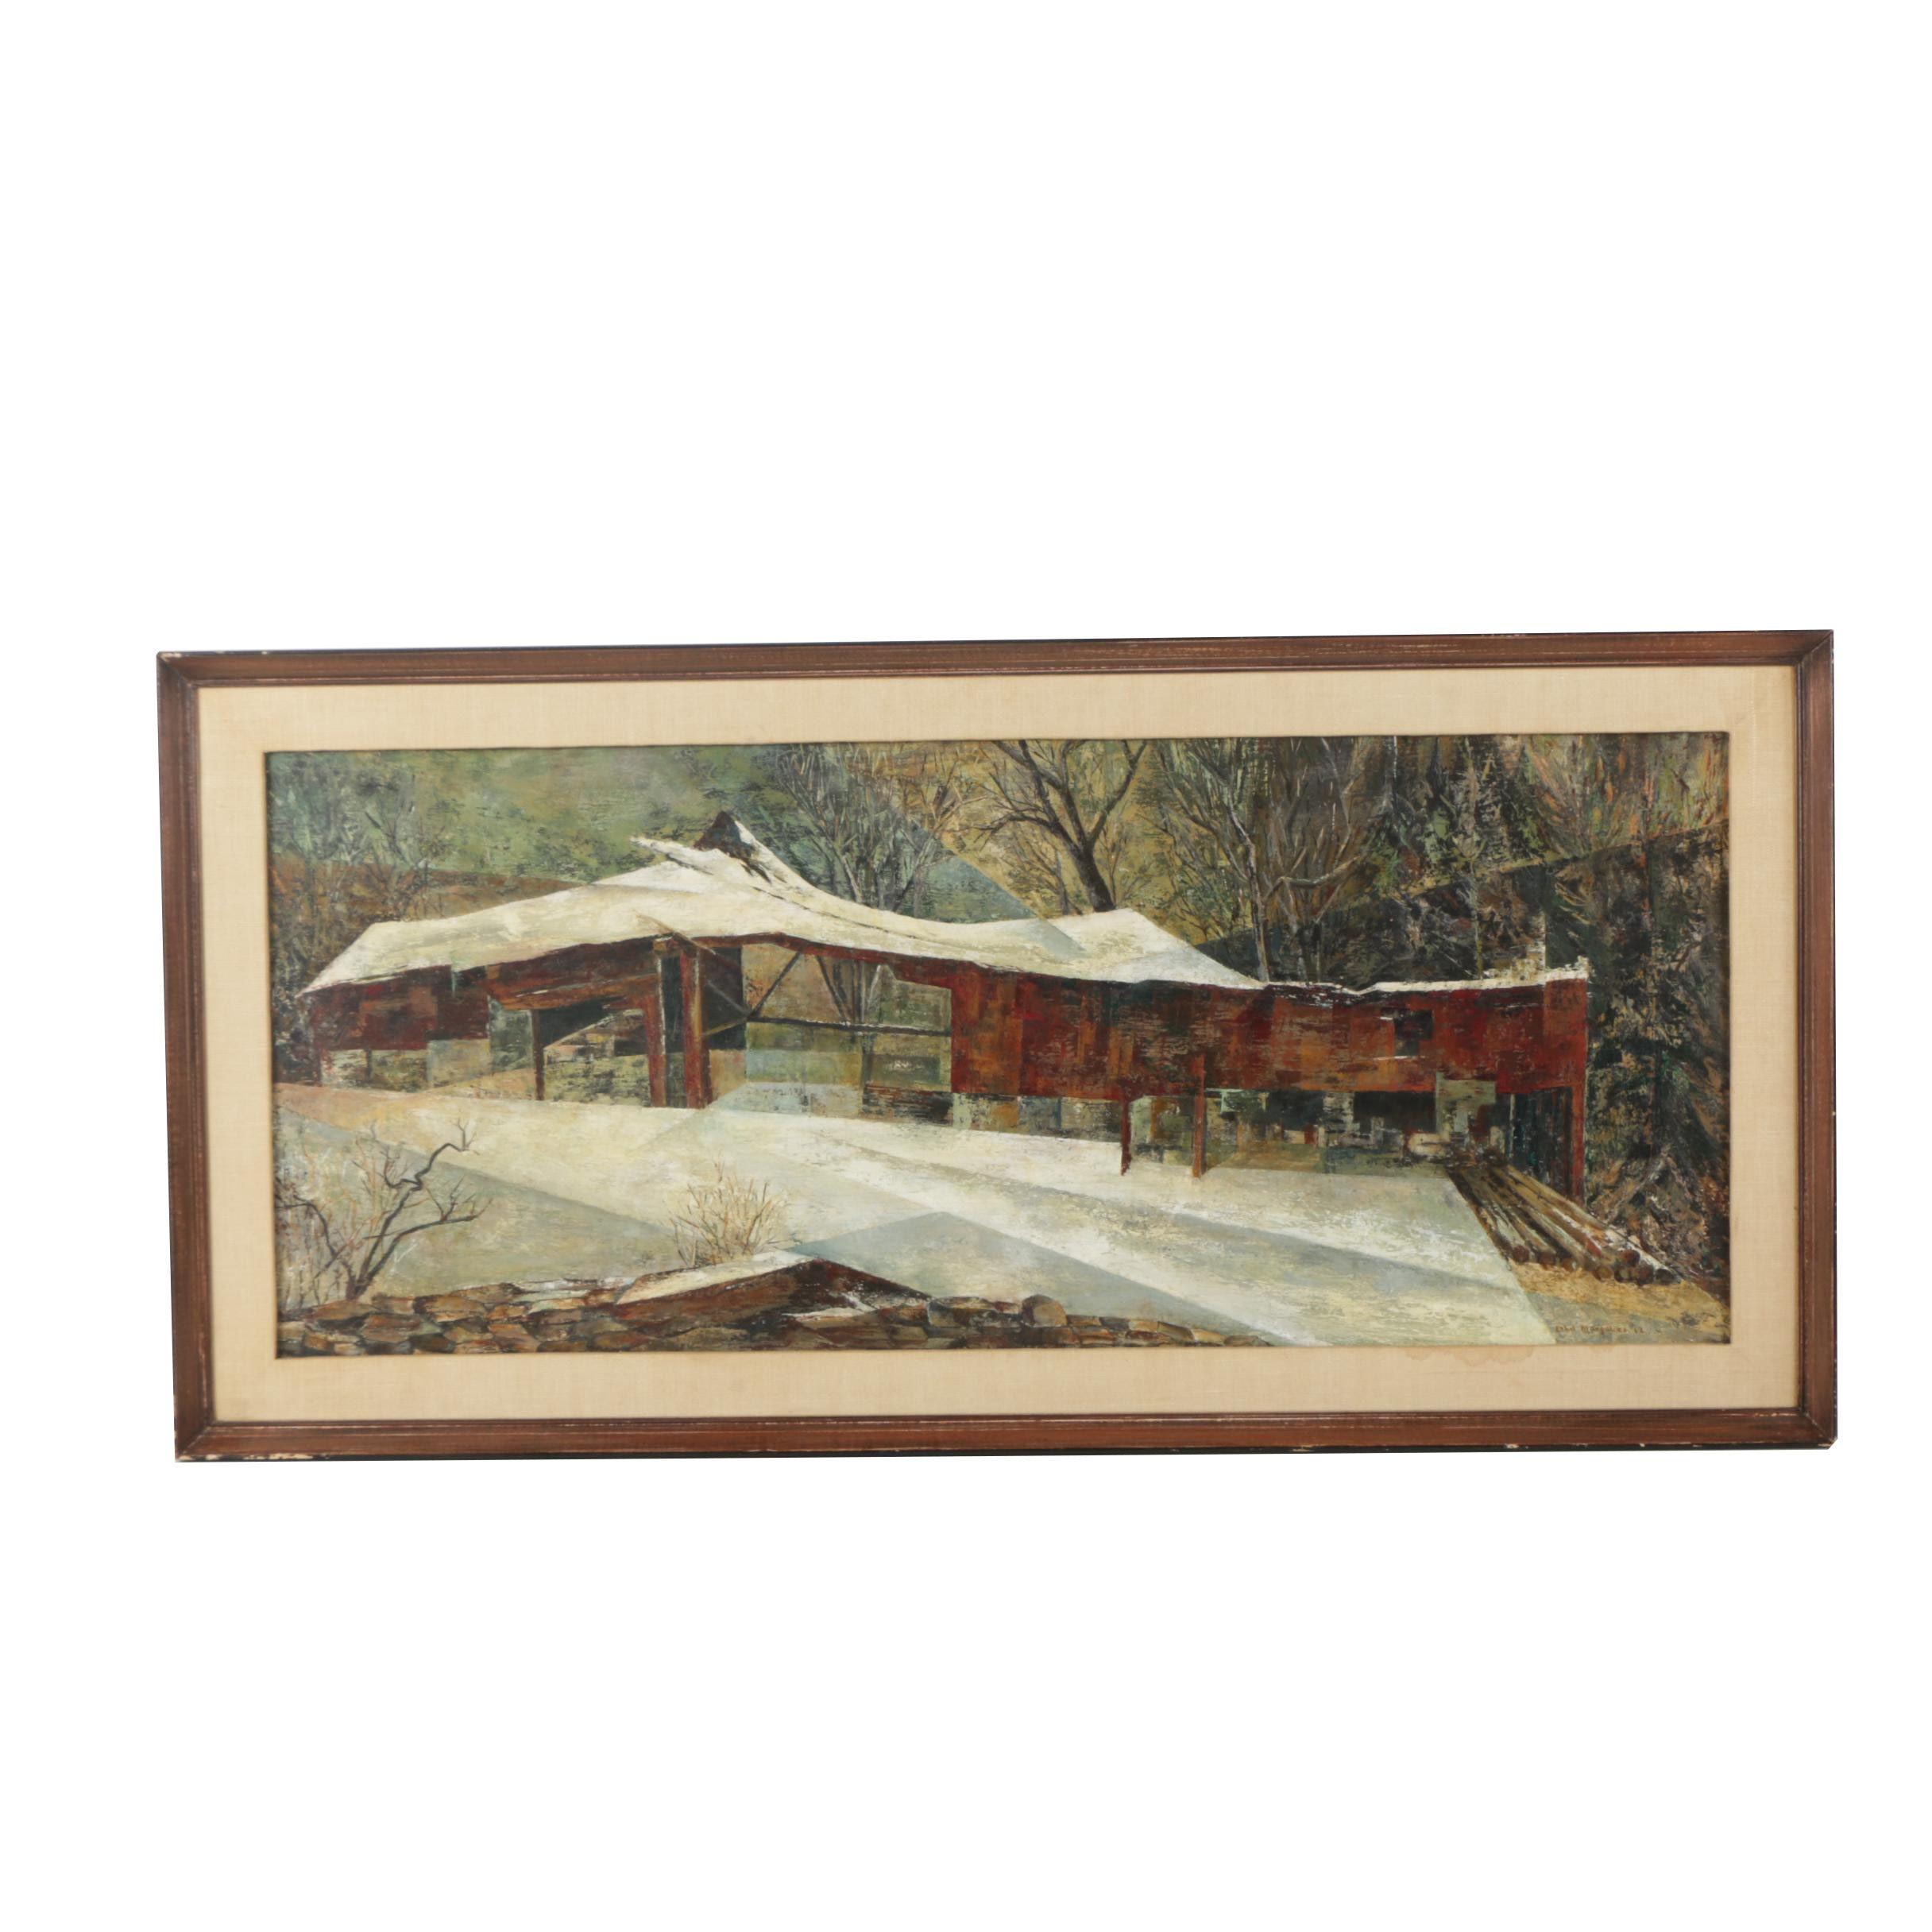 Ethel Margolies Landscape Oil Painting